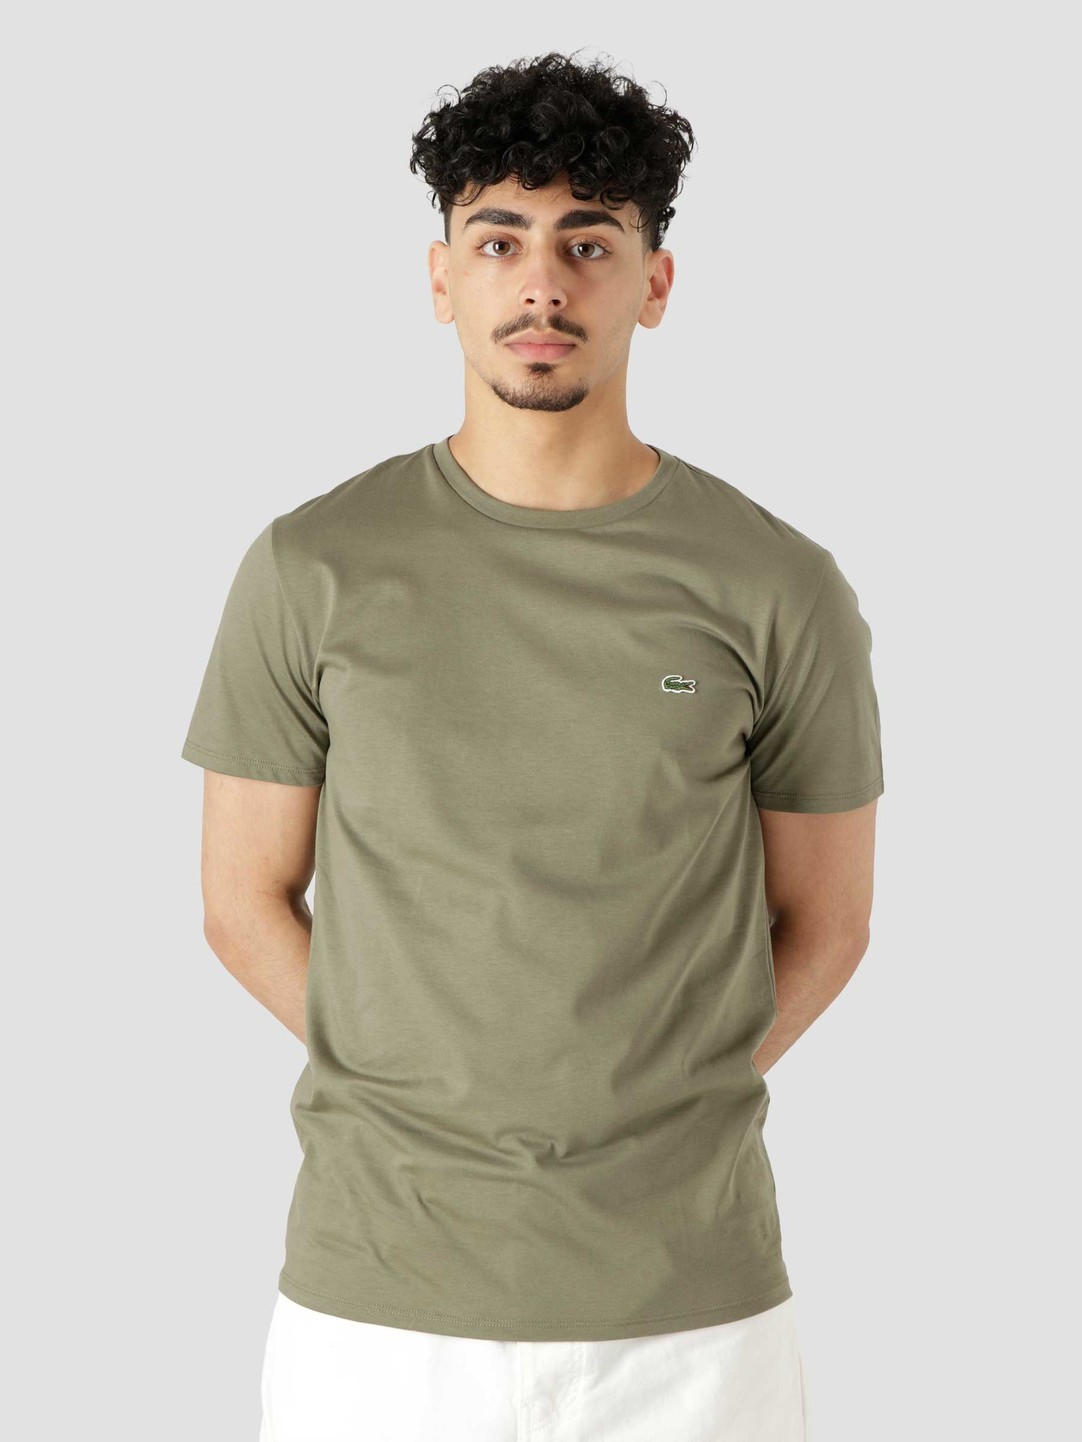 Lacoste Lacoste 1HT1 Men's T-Shirt Tank TH6709-11